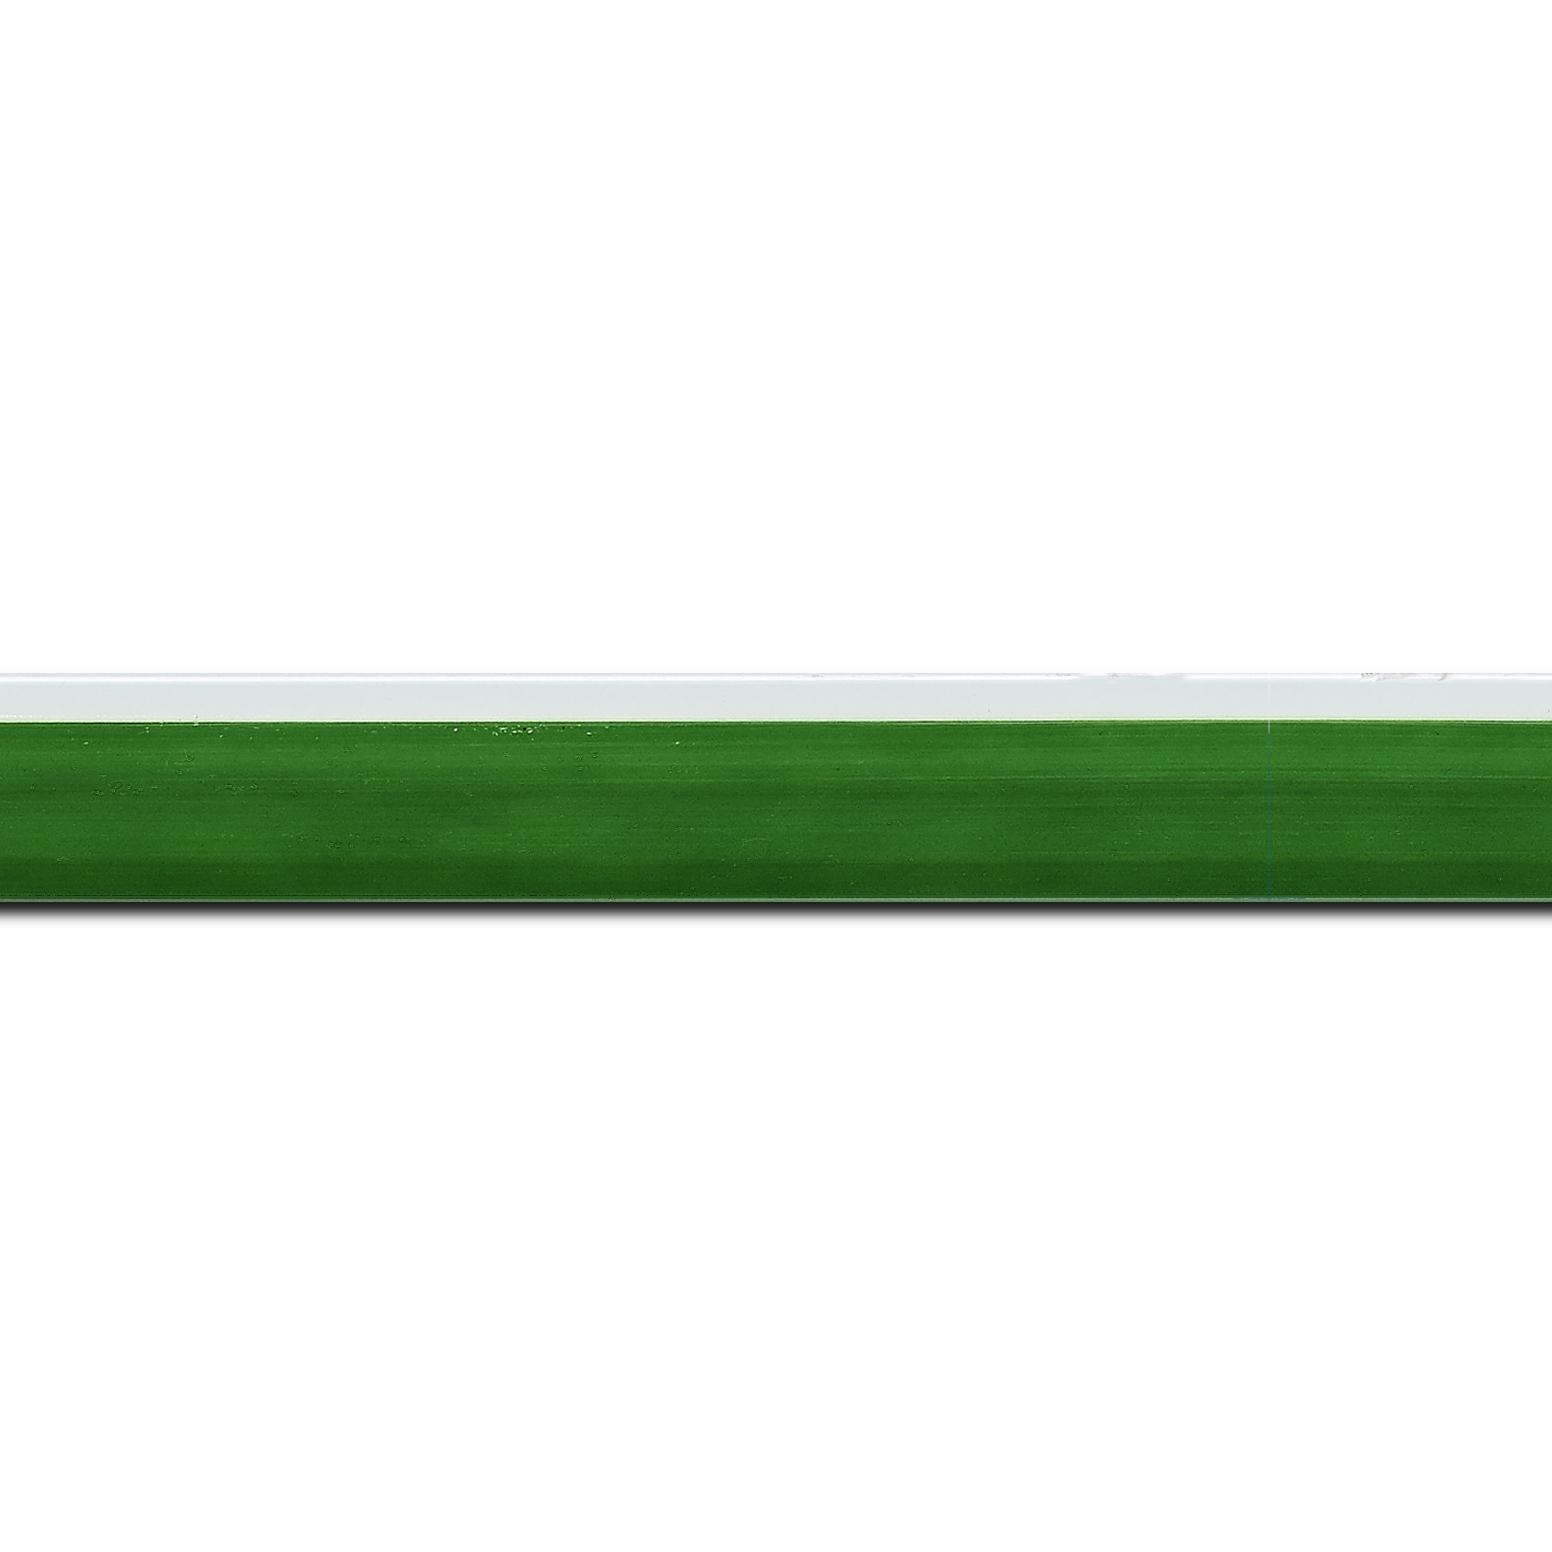 Baguette longueur 1.40m bois profil en pente plongeant largeur 2.2cm couleur vert laqué filet extérieur blanc laqué